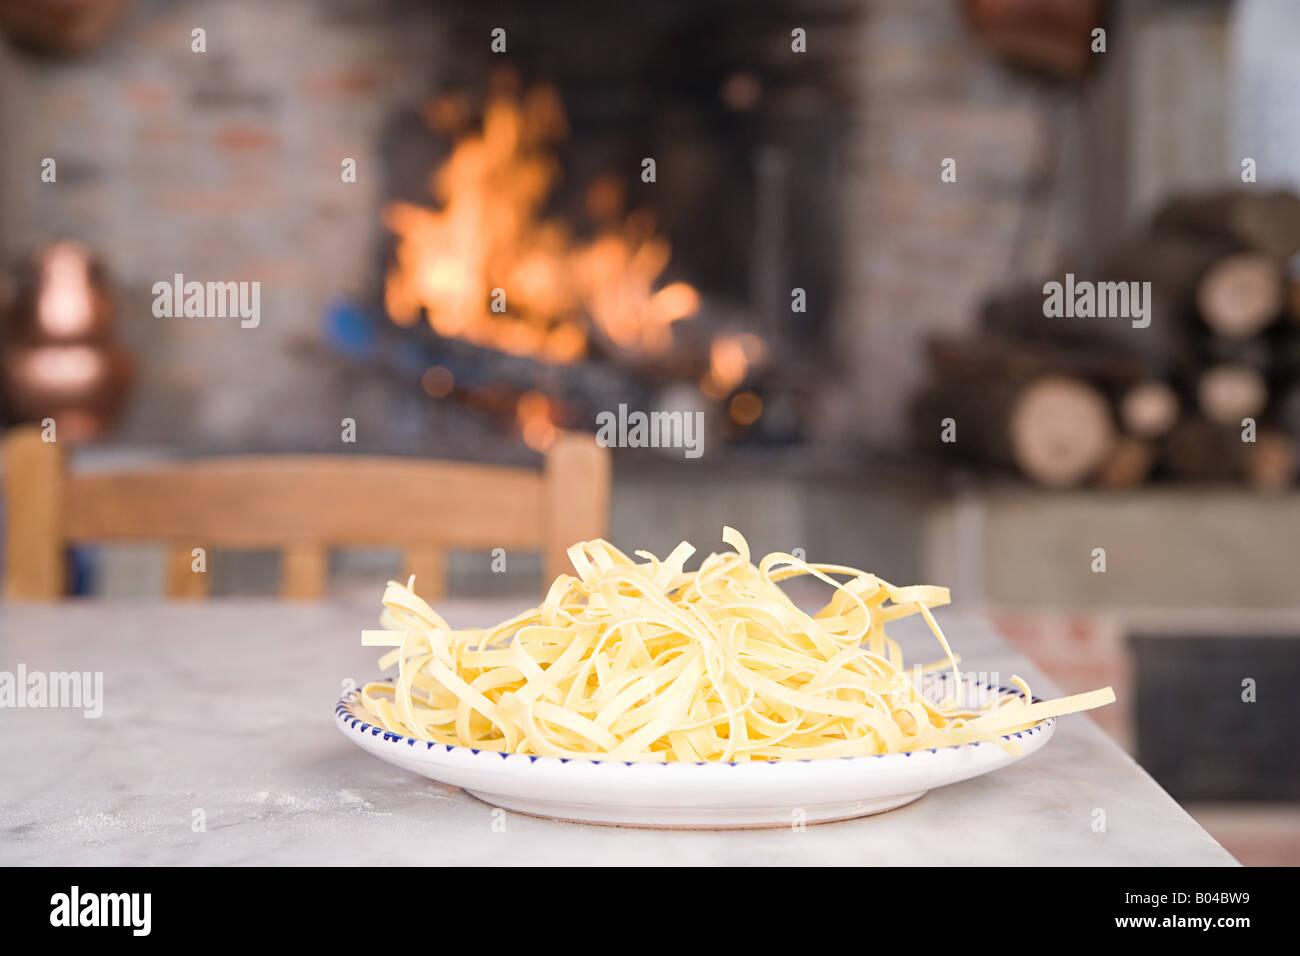 Los espaguetis en un plato Imagen De Stock